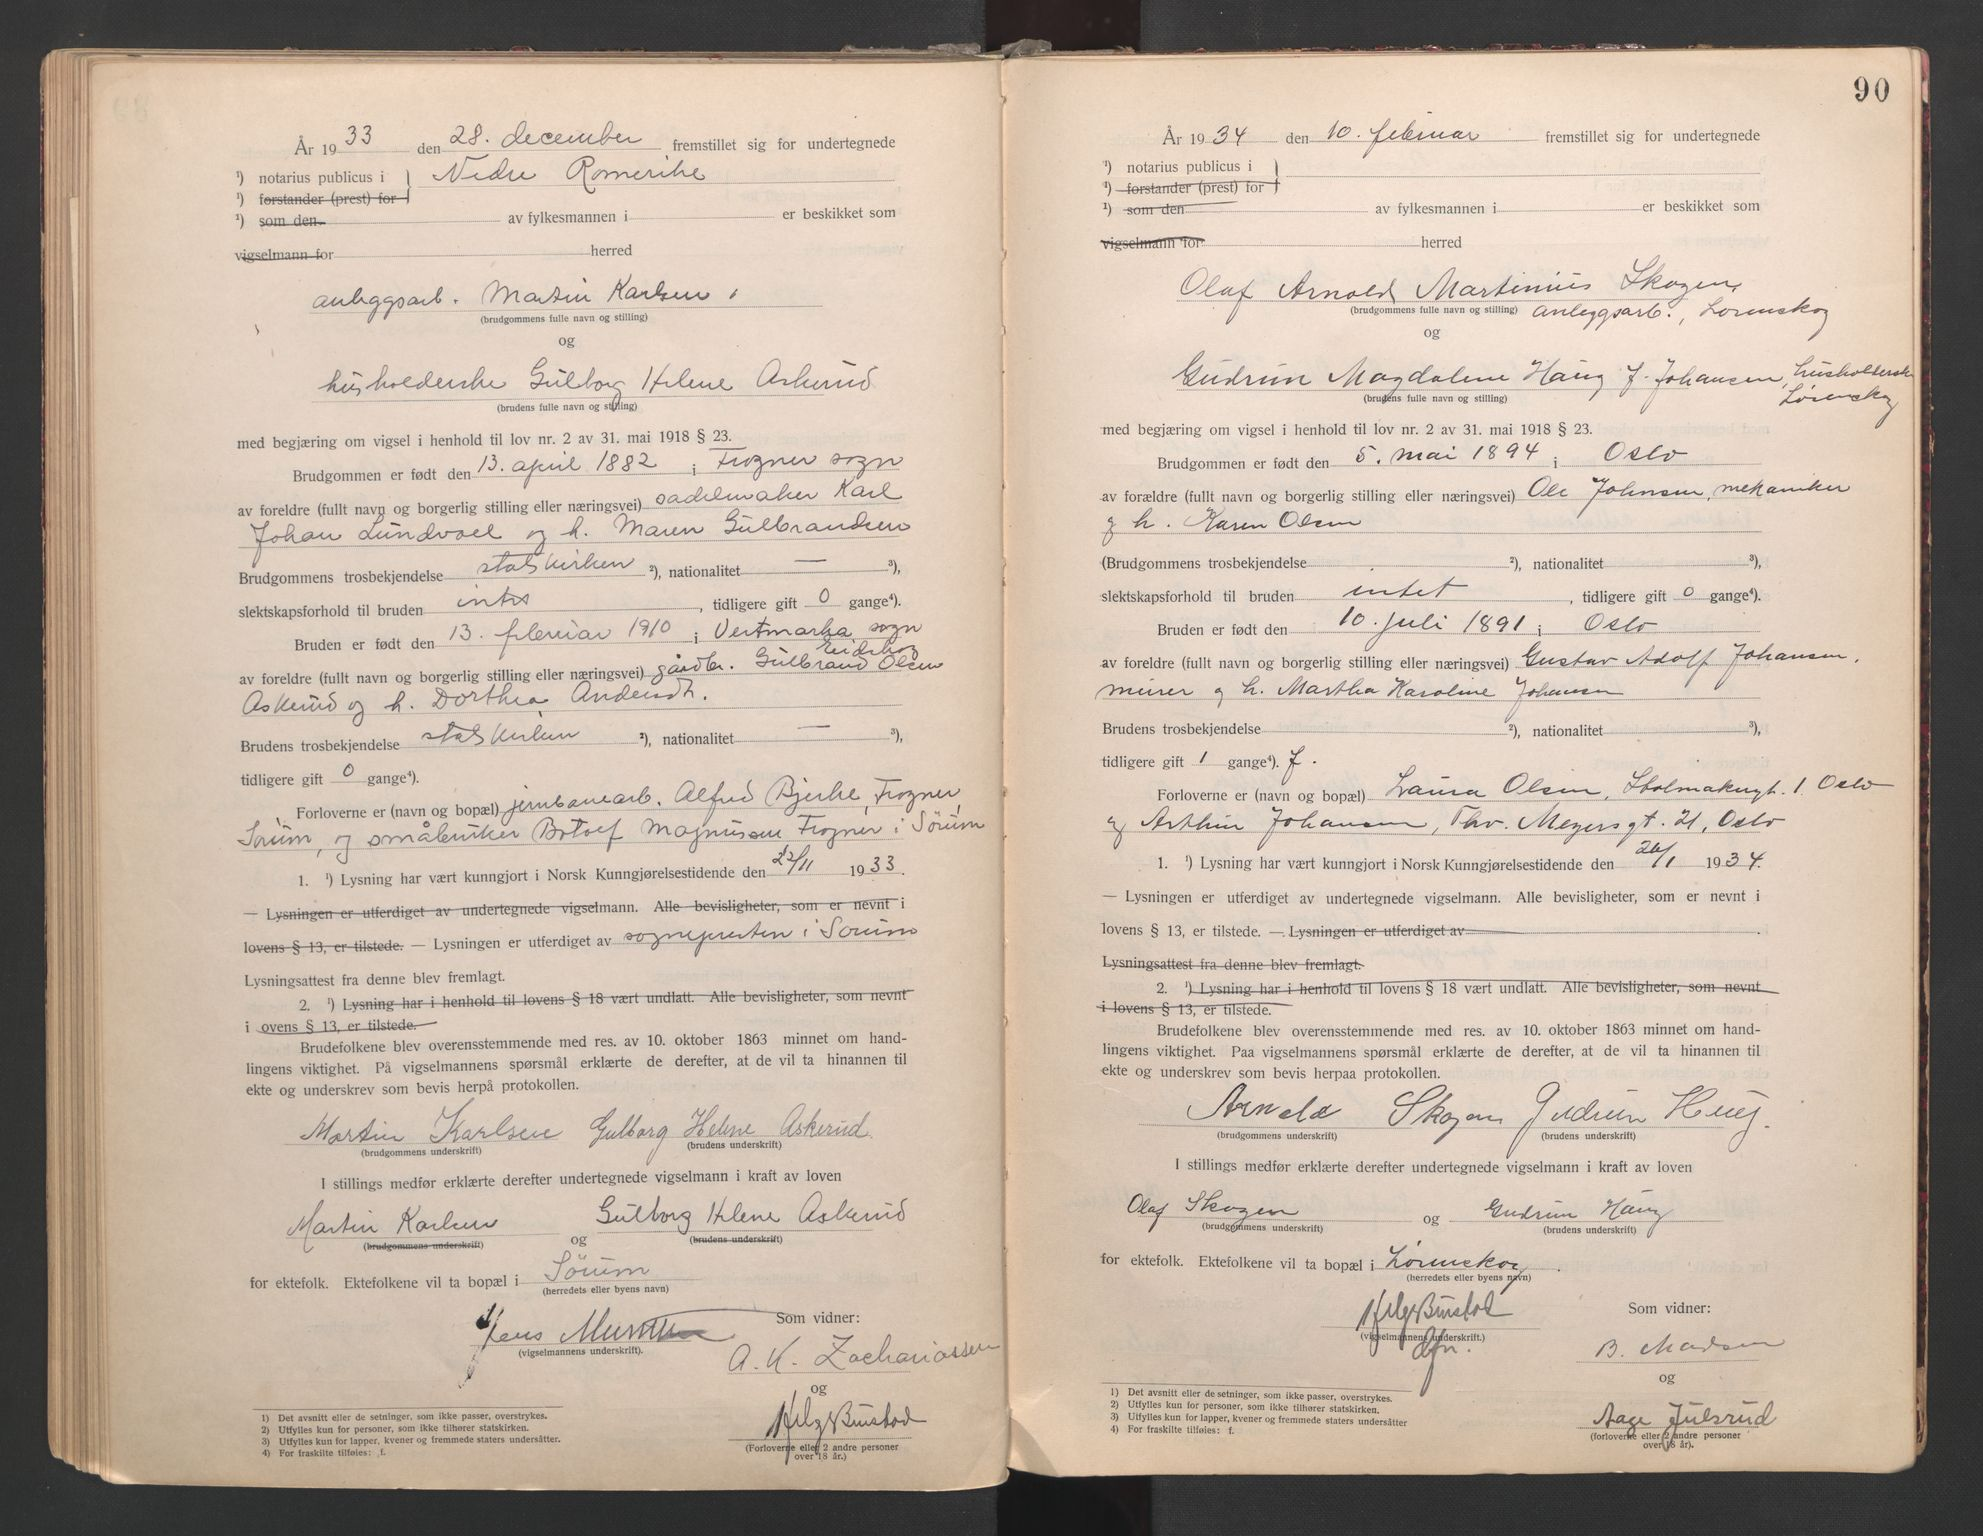 SAO, Nedre Romerike sorenskriveri, L/Lb/L0001: Vigselsbok - borgerlige vielser, 1920-1935, s. 90